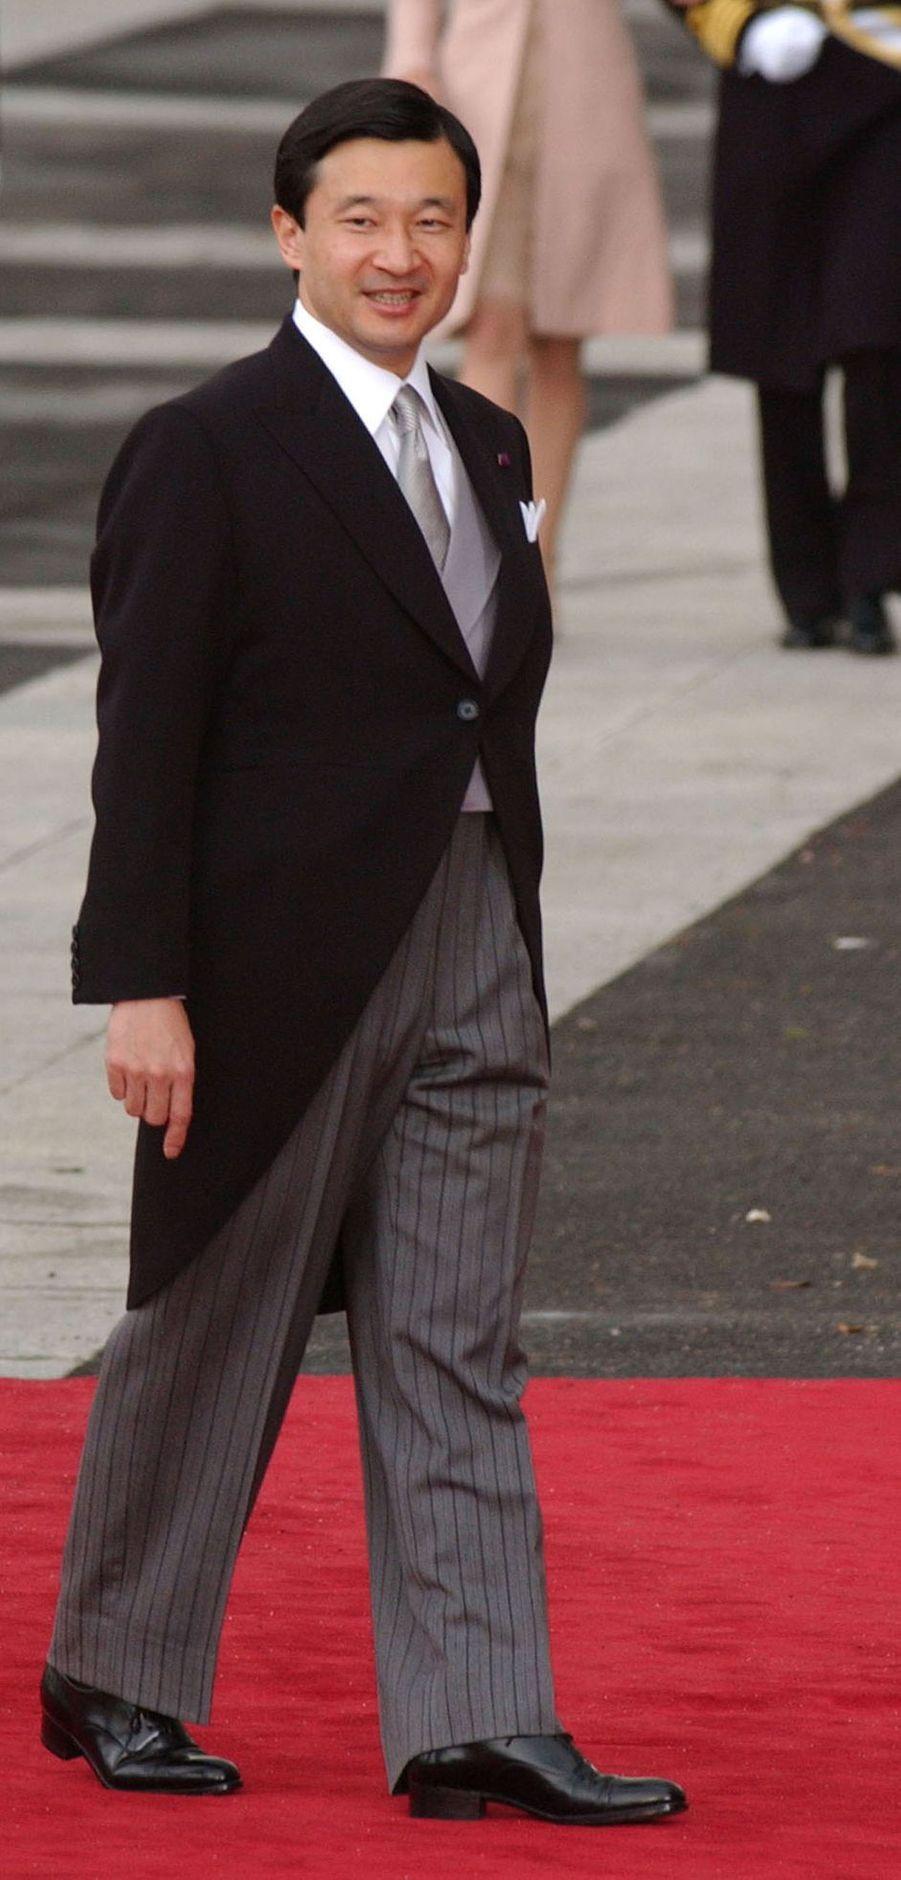 Le prince héritier Naruhito du Japon à Madrid, le 22 mai 2004